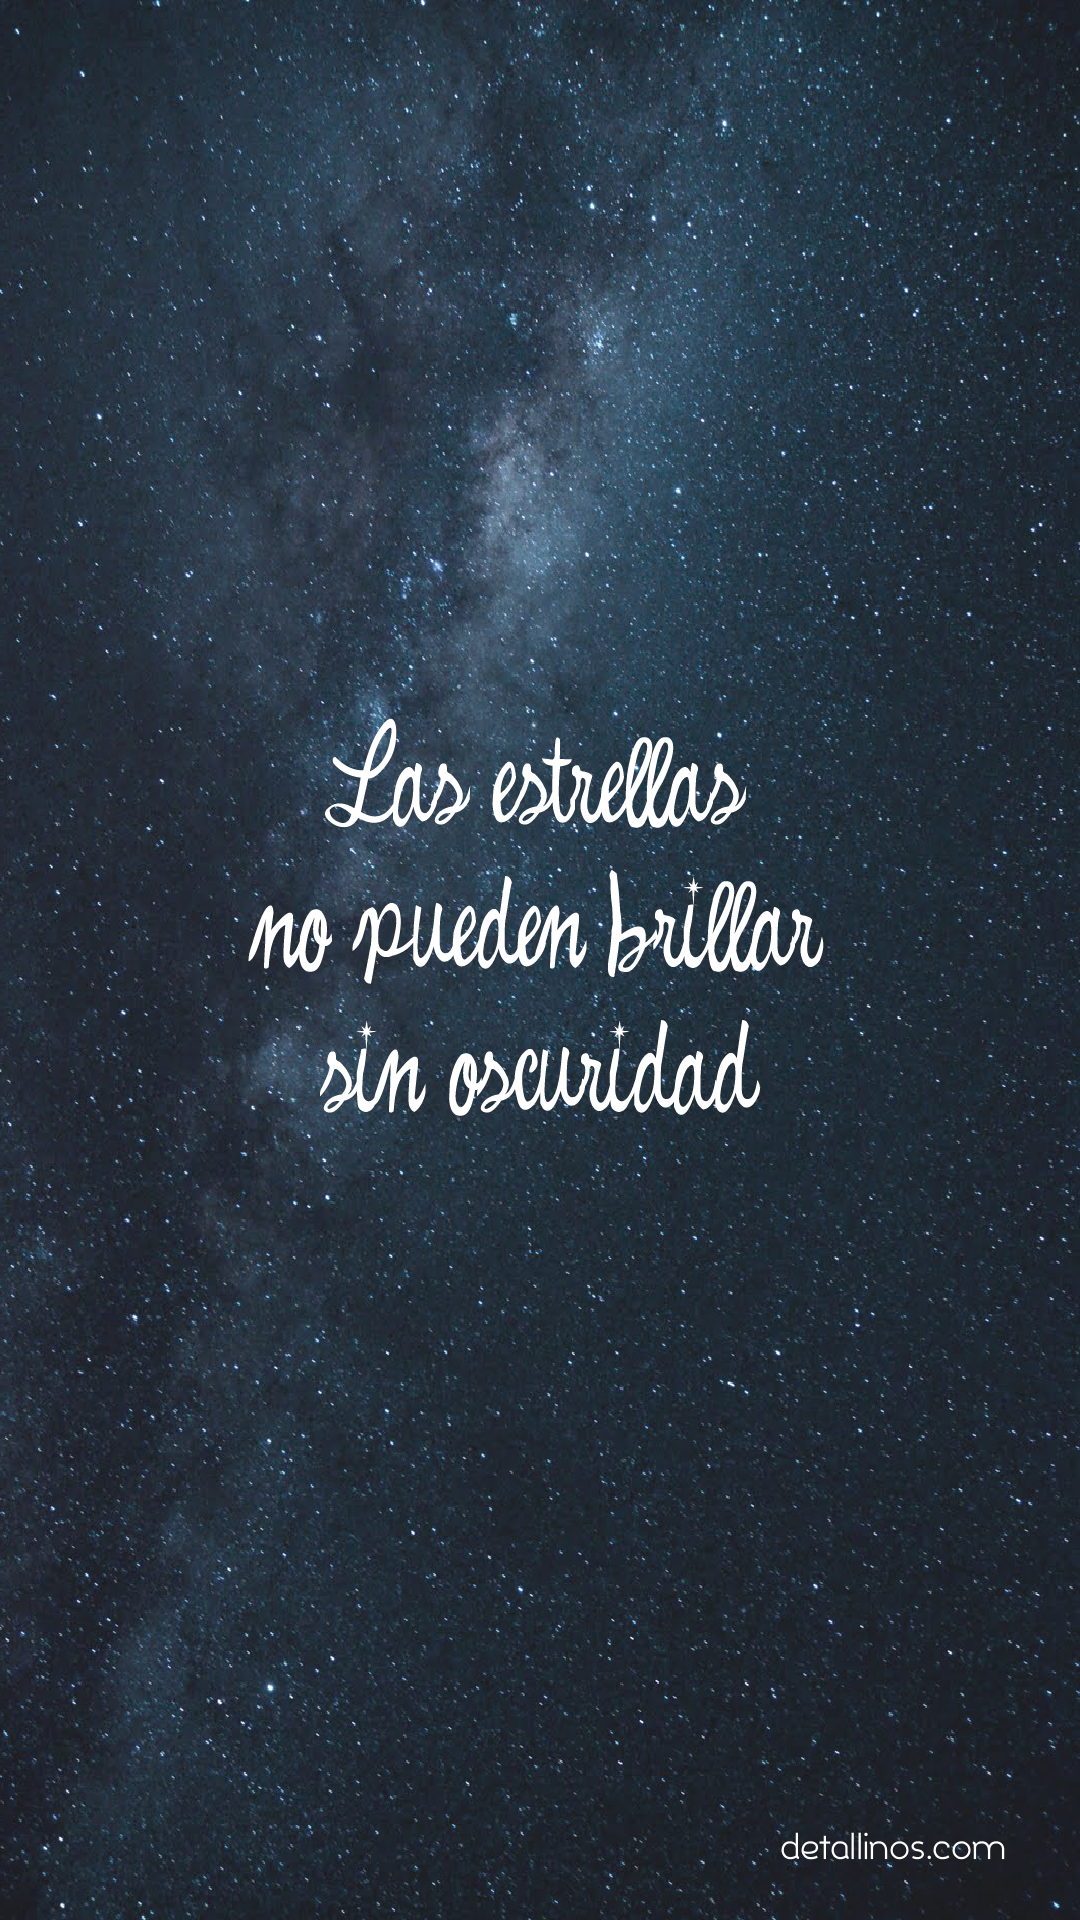 Las estrellas no pueden brillar sin oscuridad.